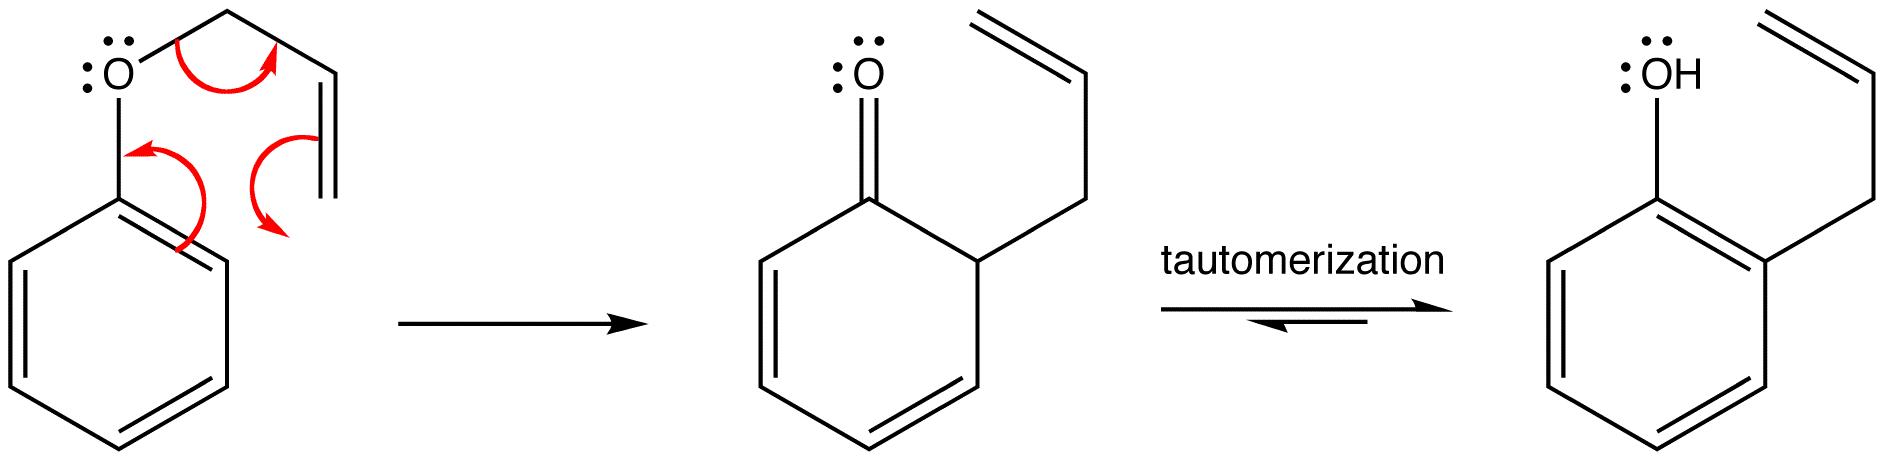 Claisen Rearrangement Ochempal